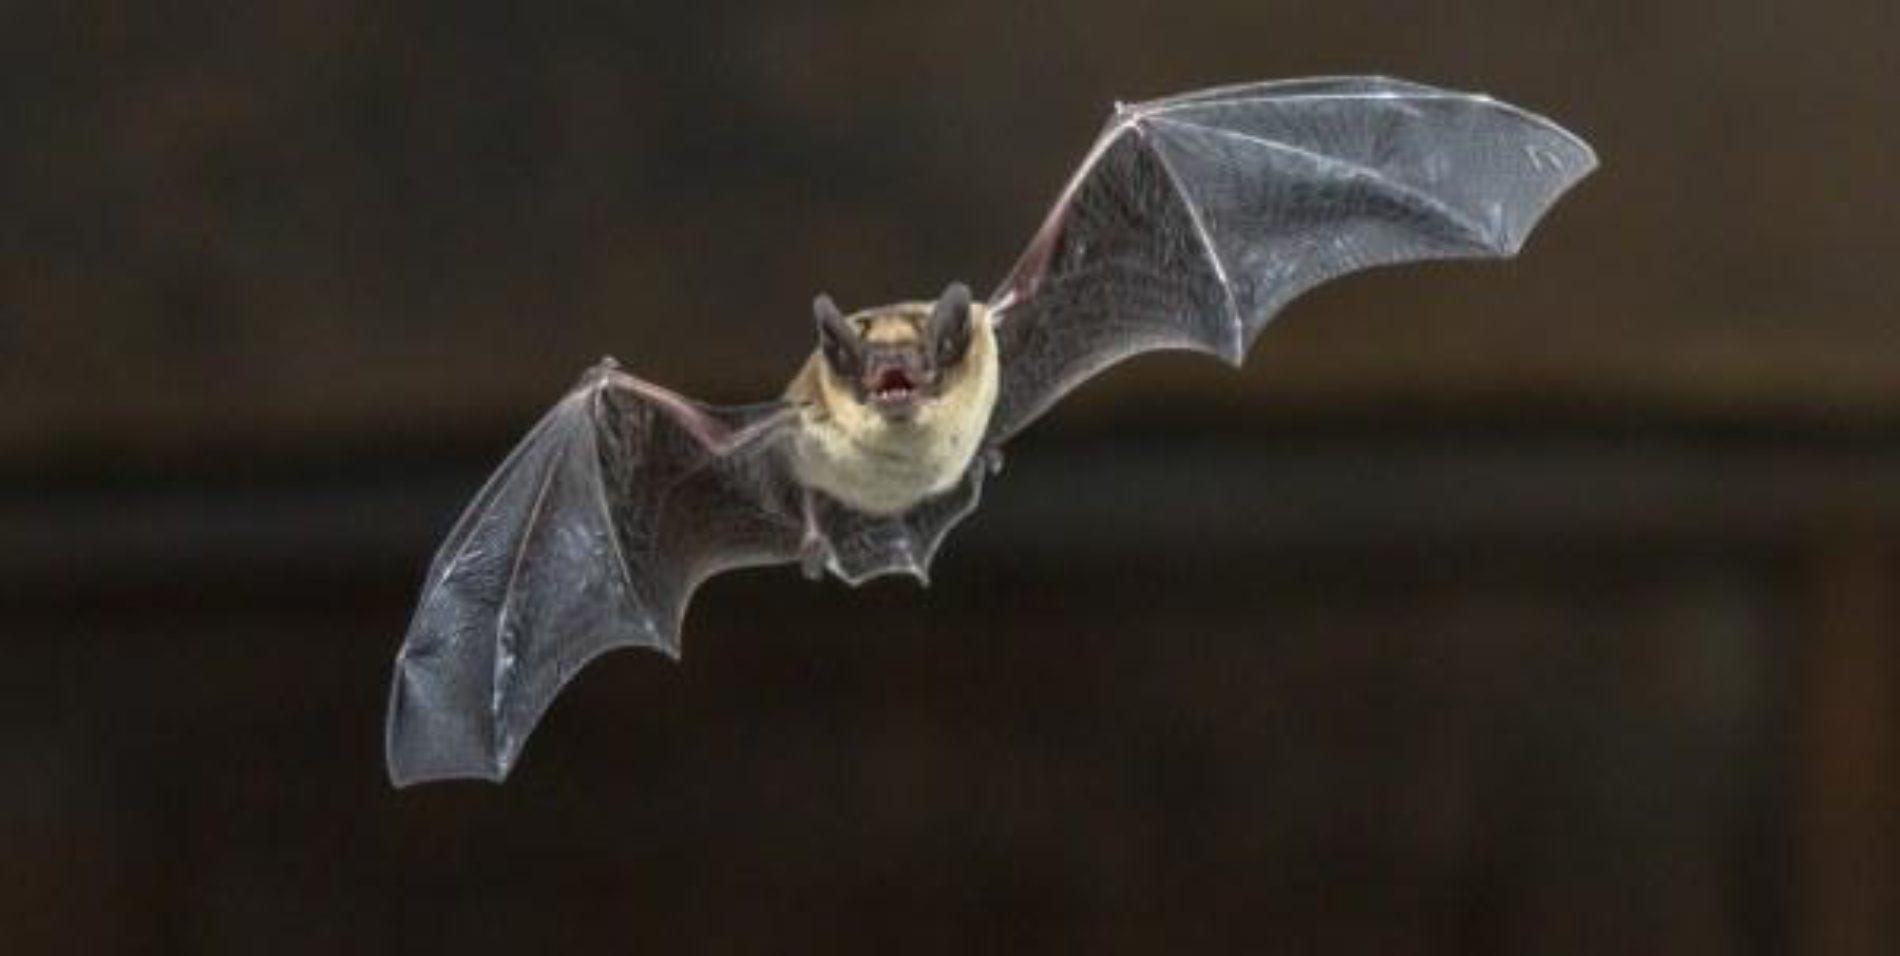 Morcego é ave?